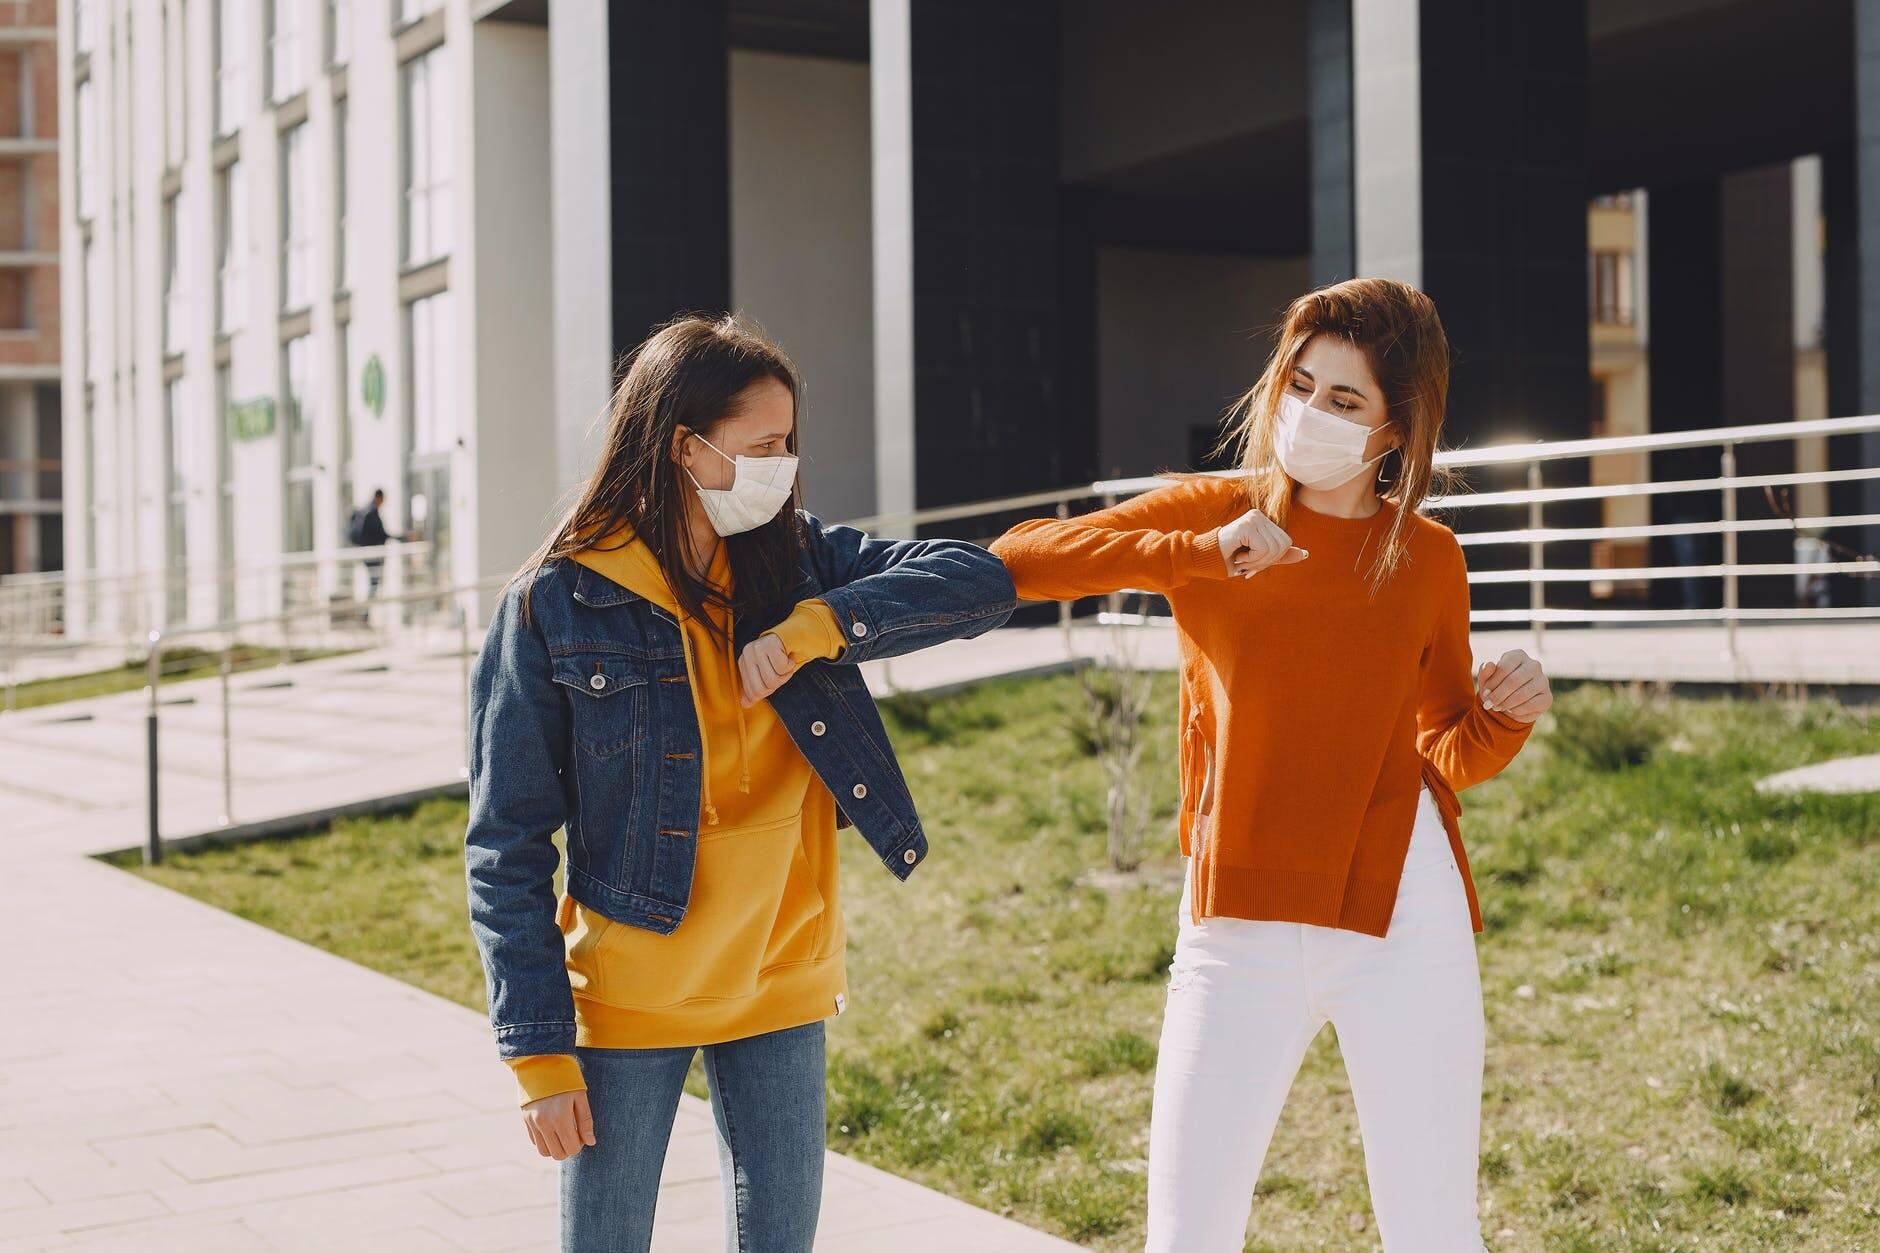 Evite contato próximo - Apertos de mão, abraços e beijos no rosto devem ser evitados. (Foto: Pexels)